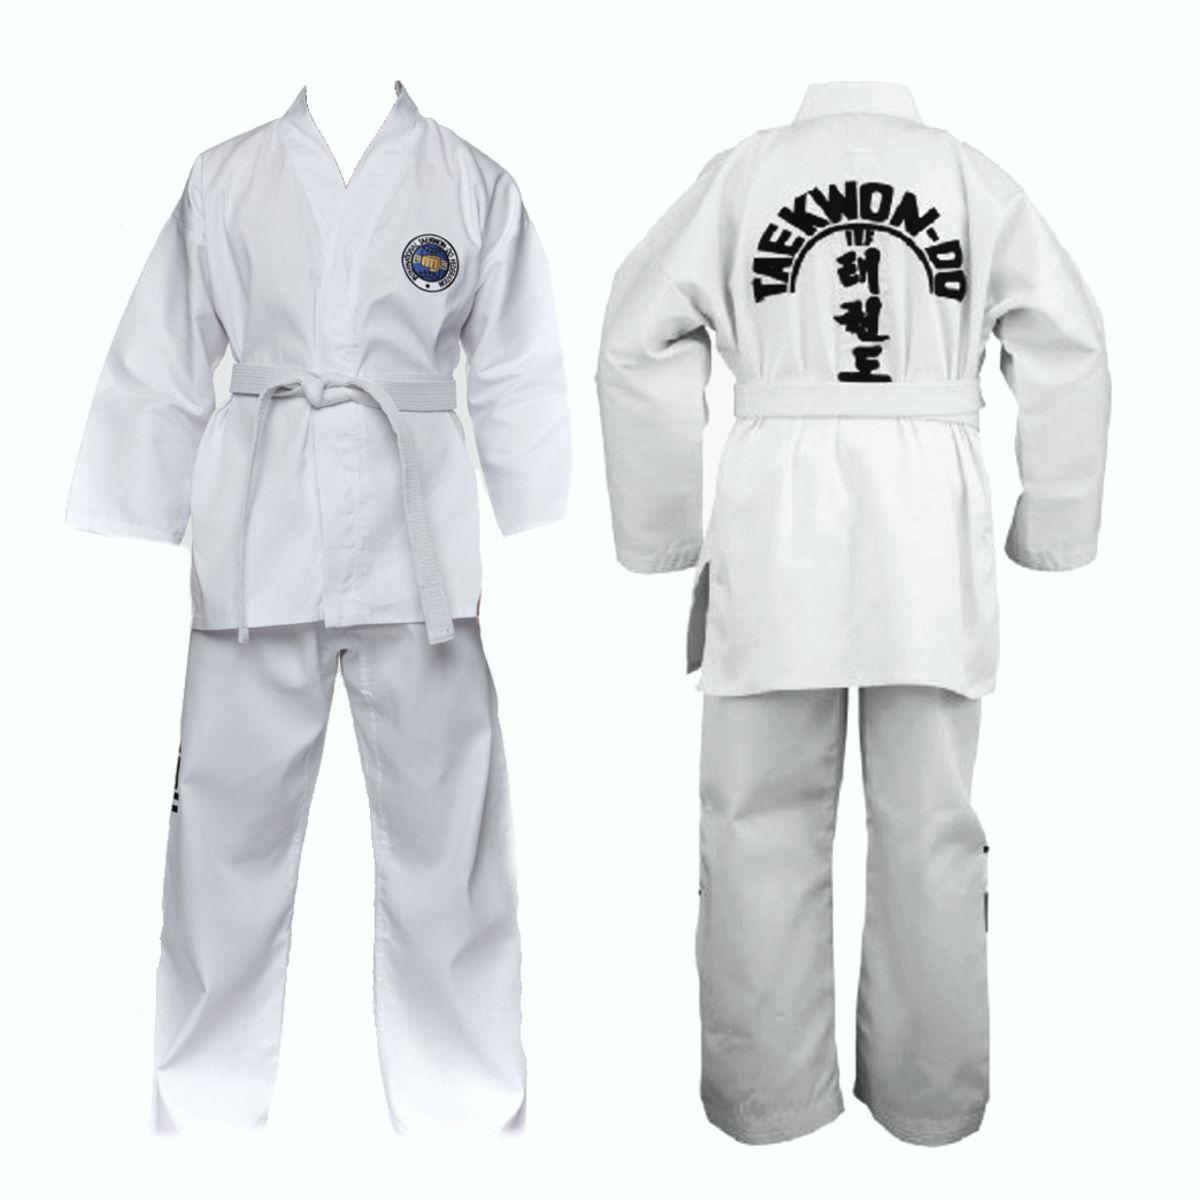 Images of Itf Taekwondo Uniforms - #rock-cafe